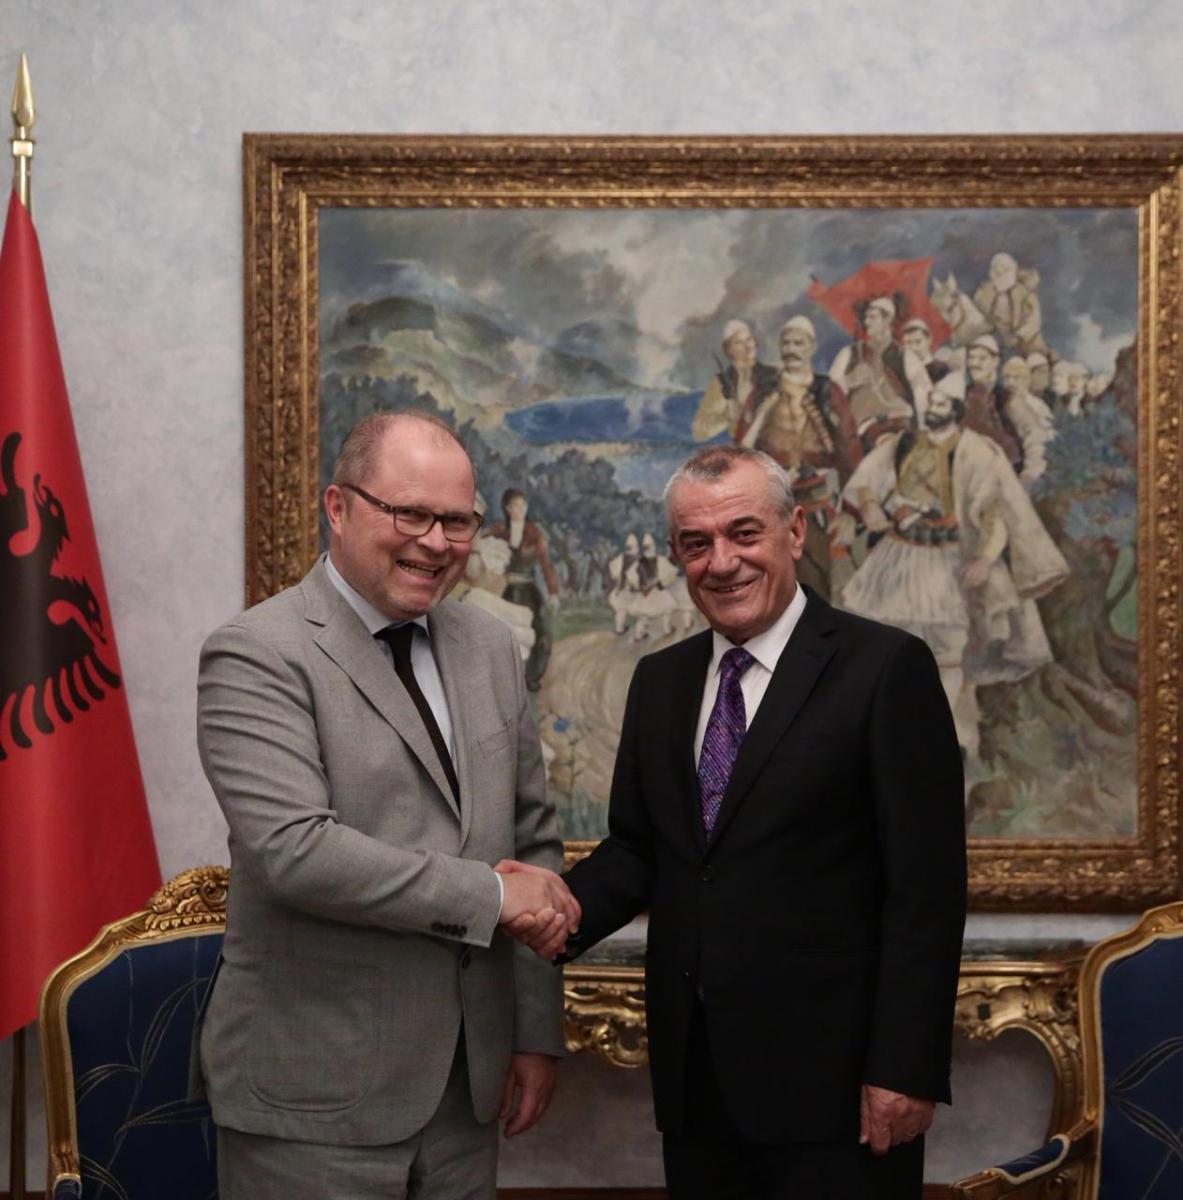 Zyrtari gjerman takon Ruçin  Lobojmë në Bundestag për një  PO  për Shqipërinë në BE